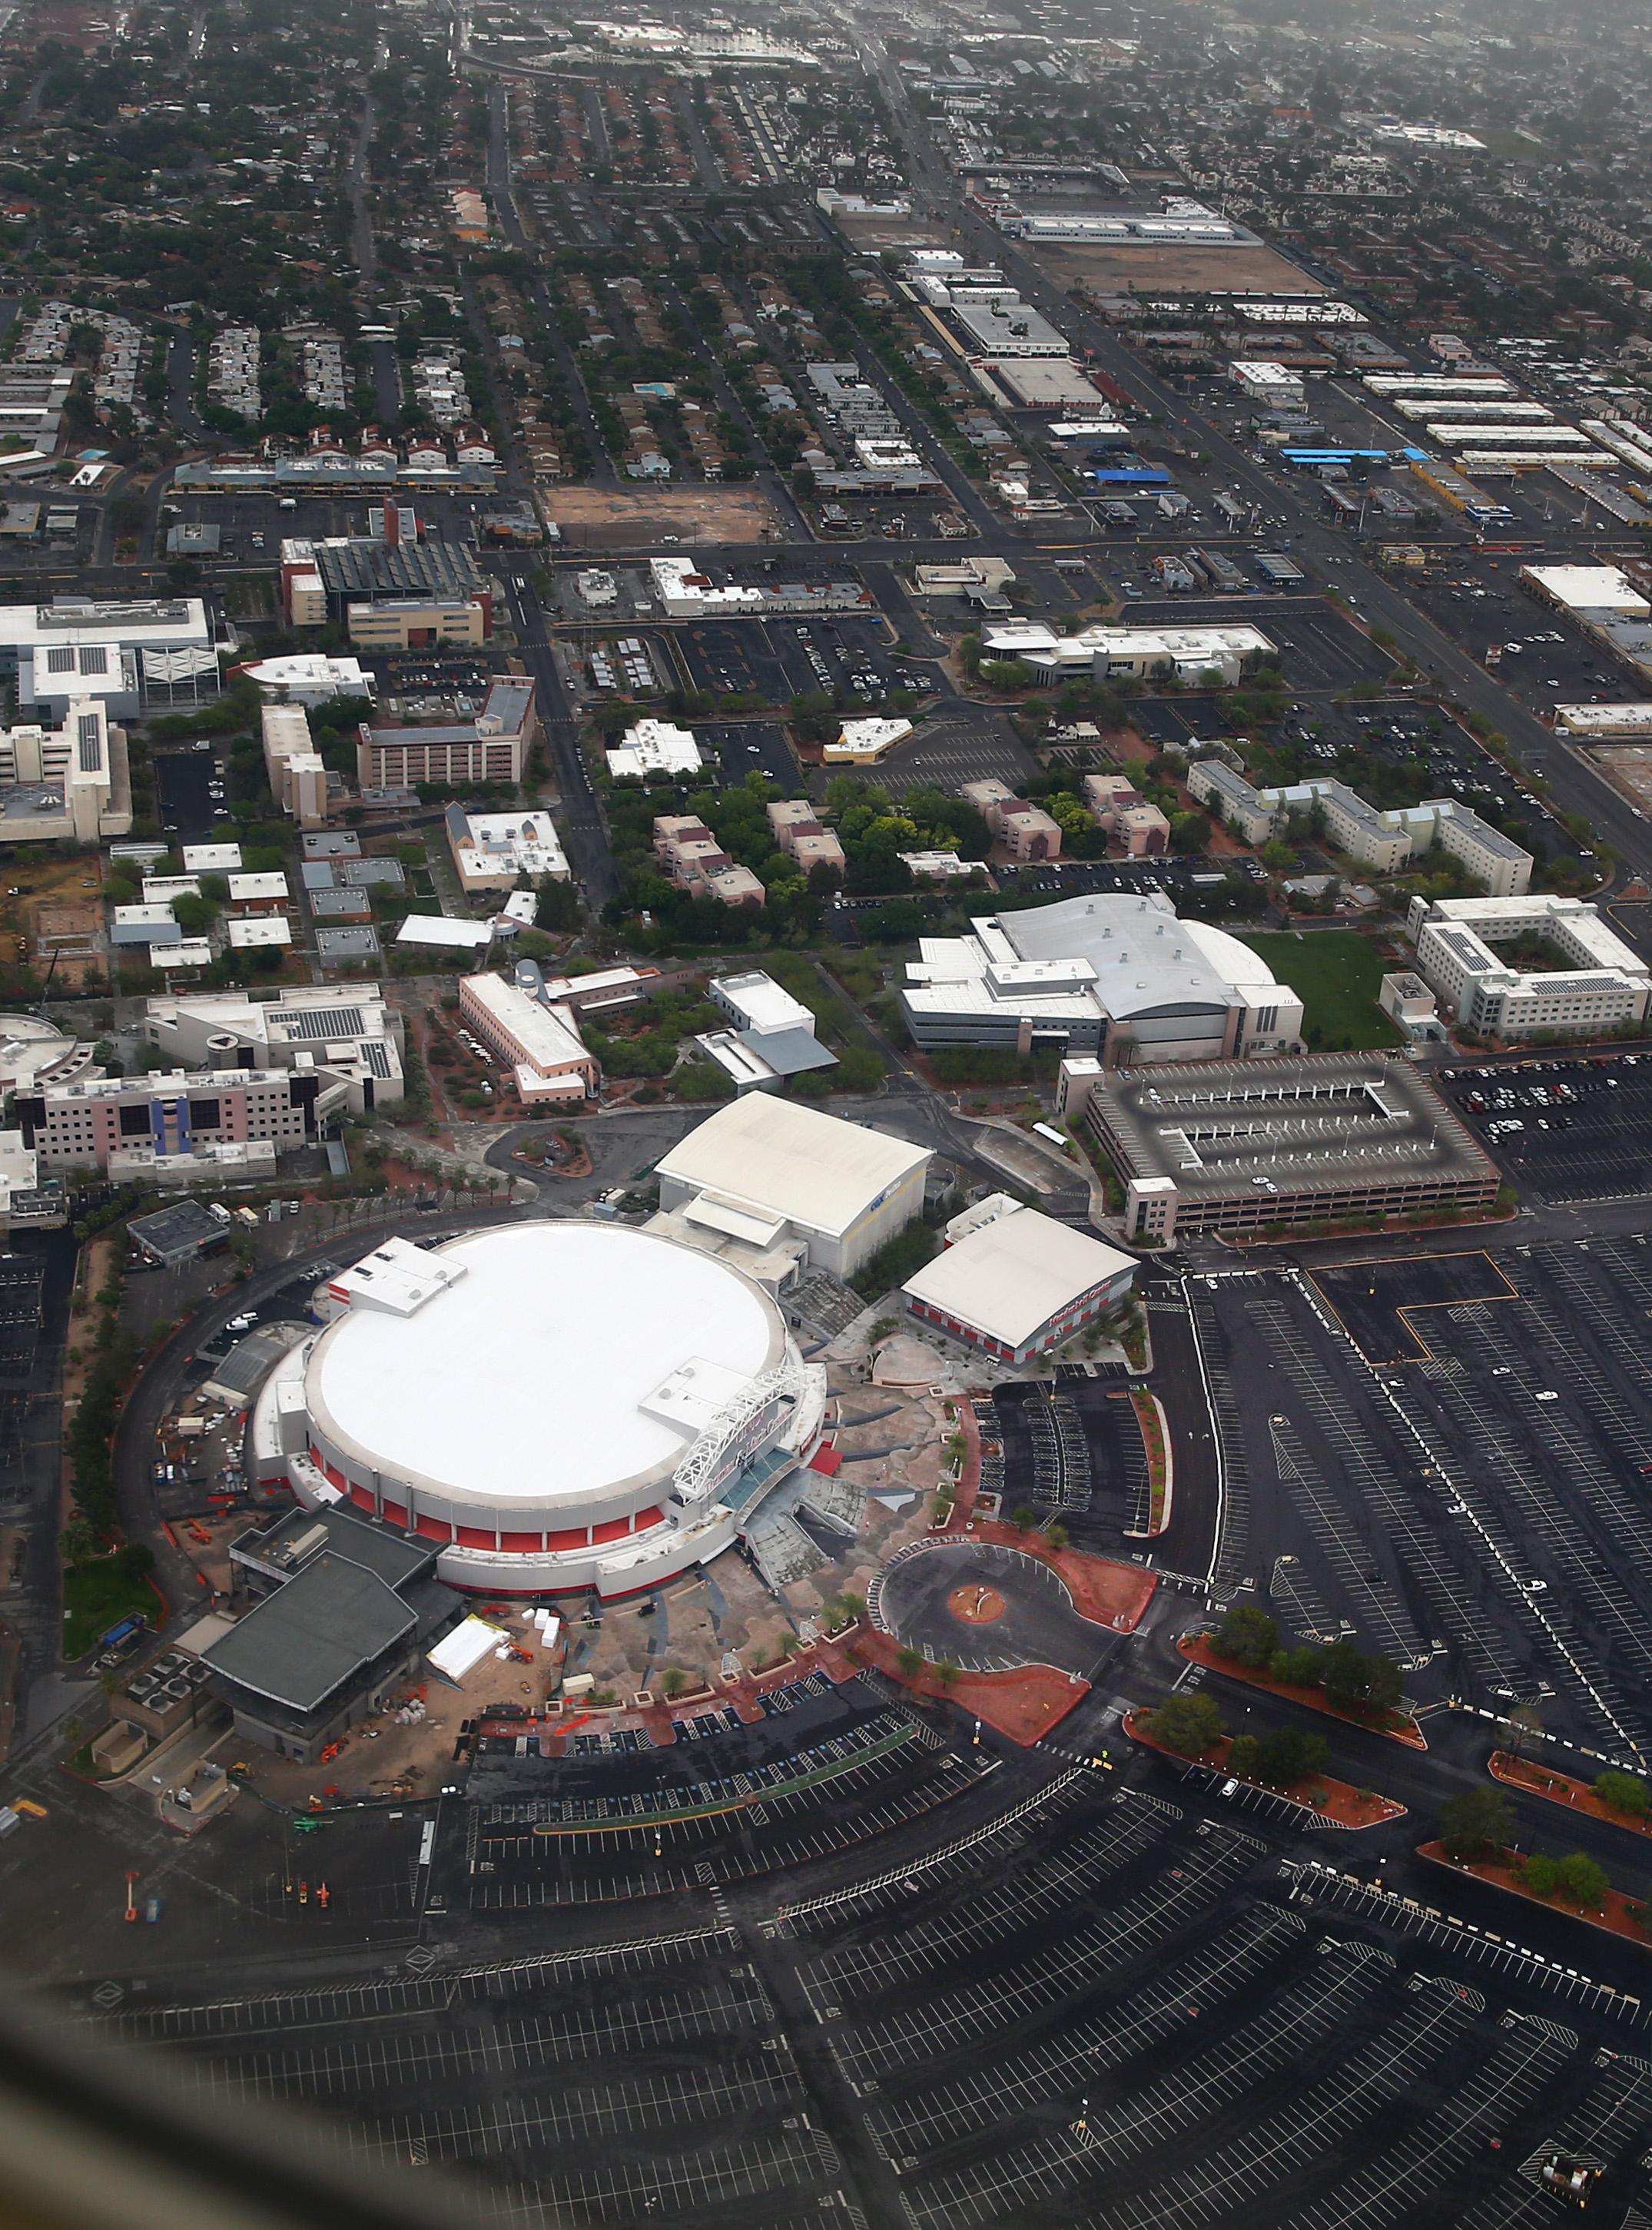 NFL: Thomas & Mack Center Aerials